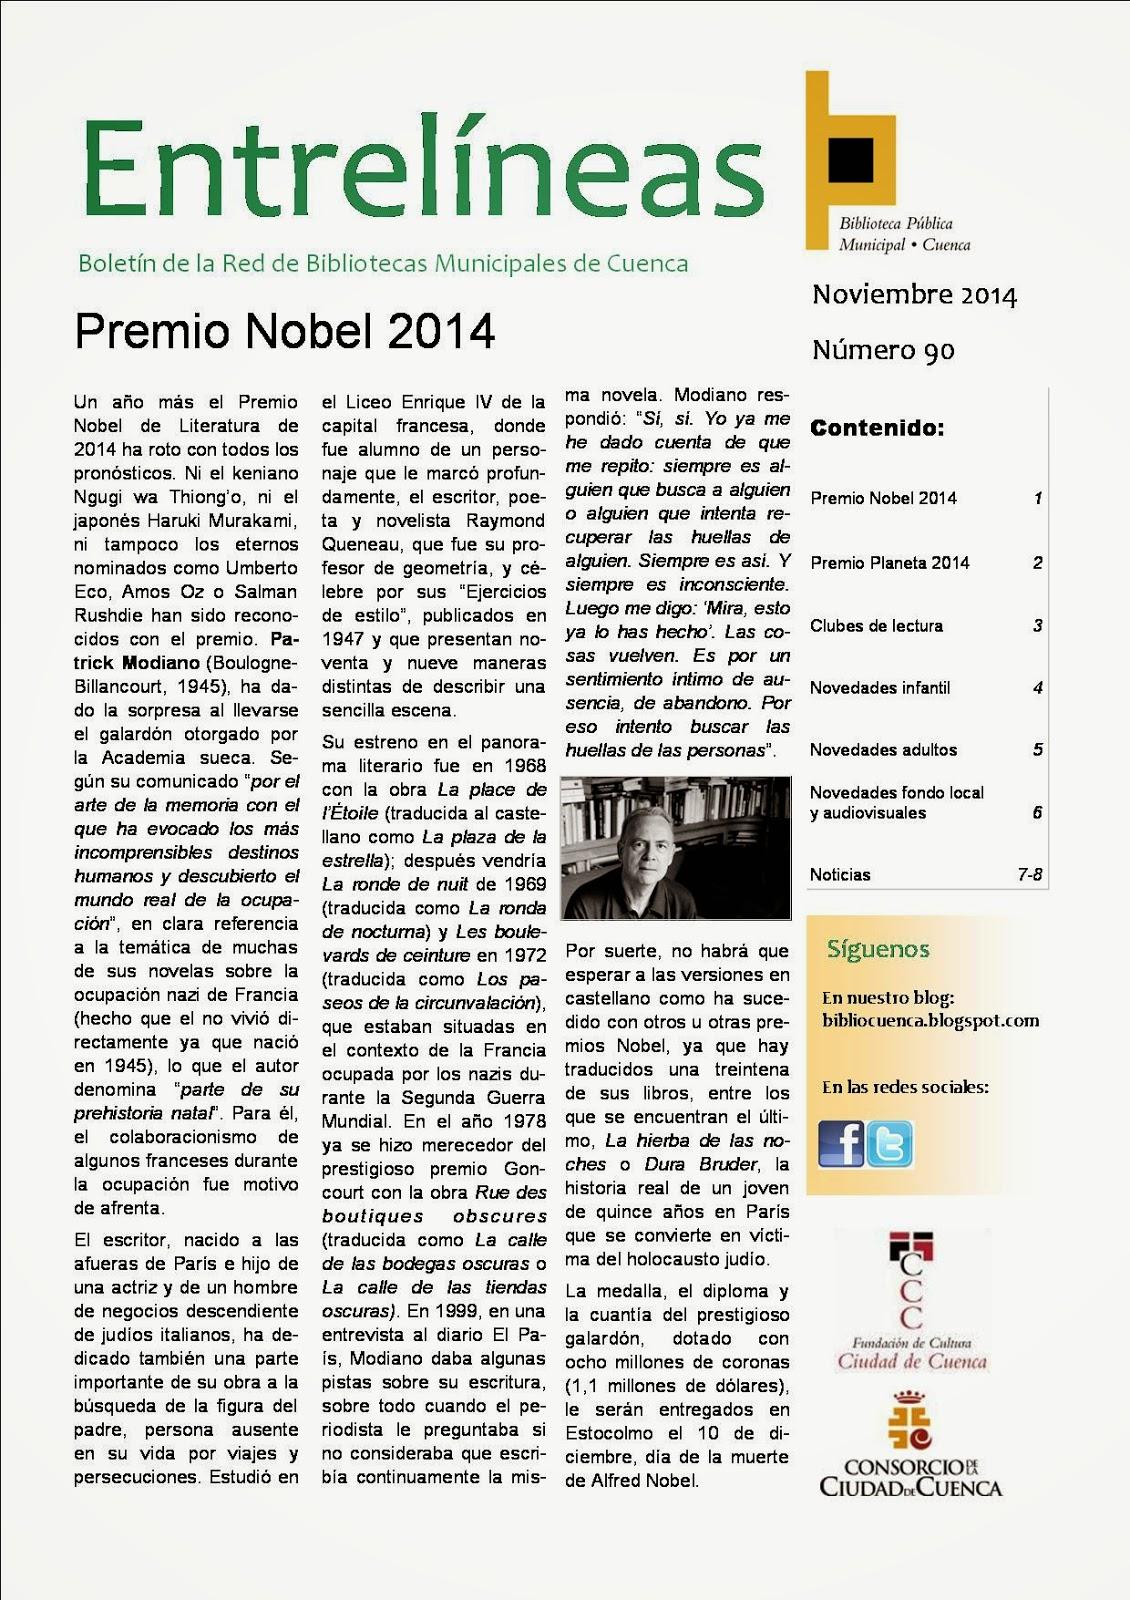 http://educacionycultura.cuenca.es/desktopmodules/tablaIP/fileDownload.aspx?id=986956_8932udf_90+Noviembre.pdf&udr=986925&cn=archivo&ra=/Portals/Ayuntamiento